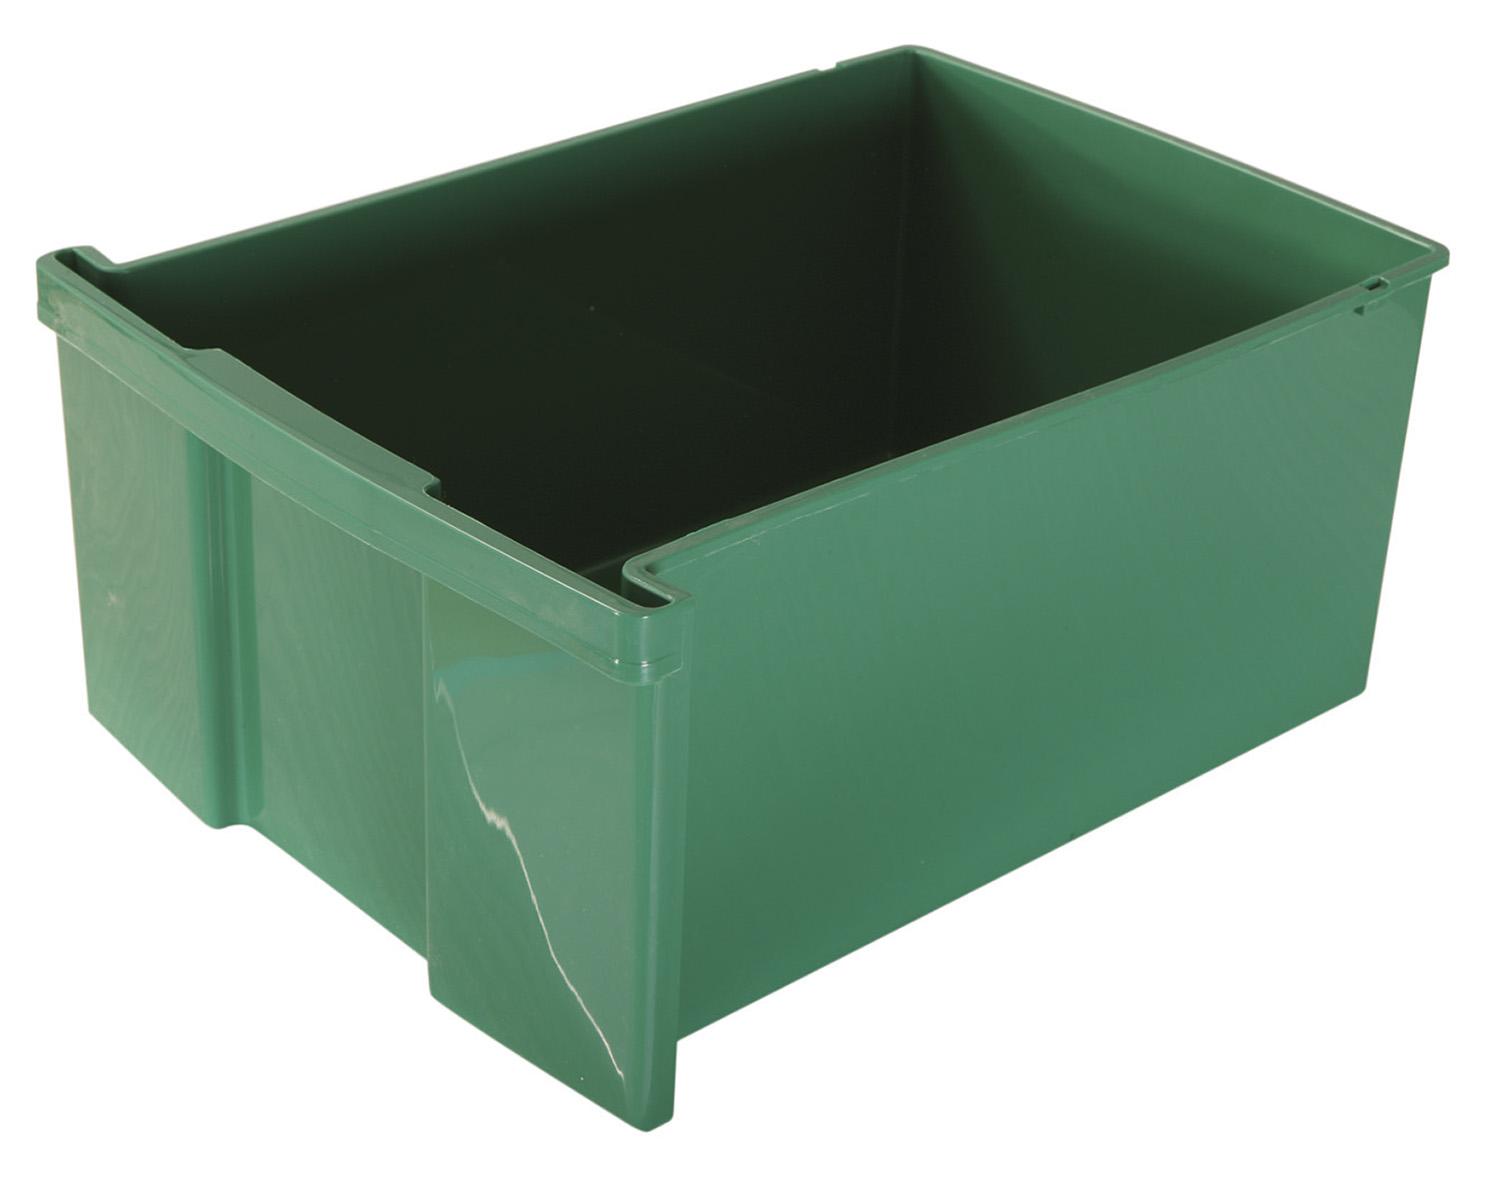 s policemi, 14 ks průhledných krabic InBox ve velikosti